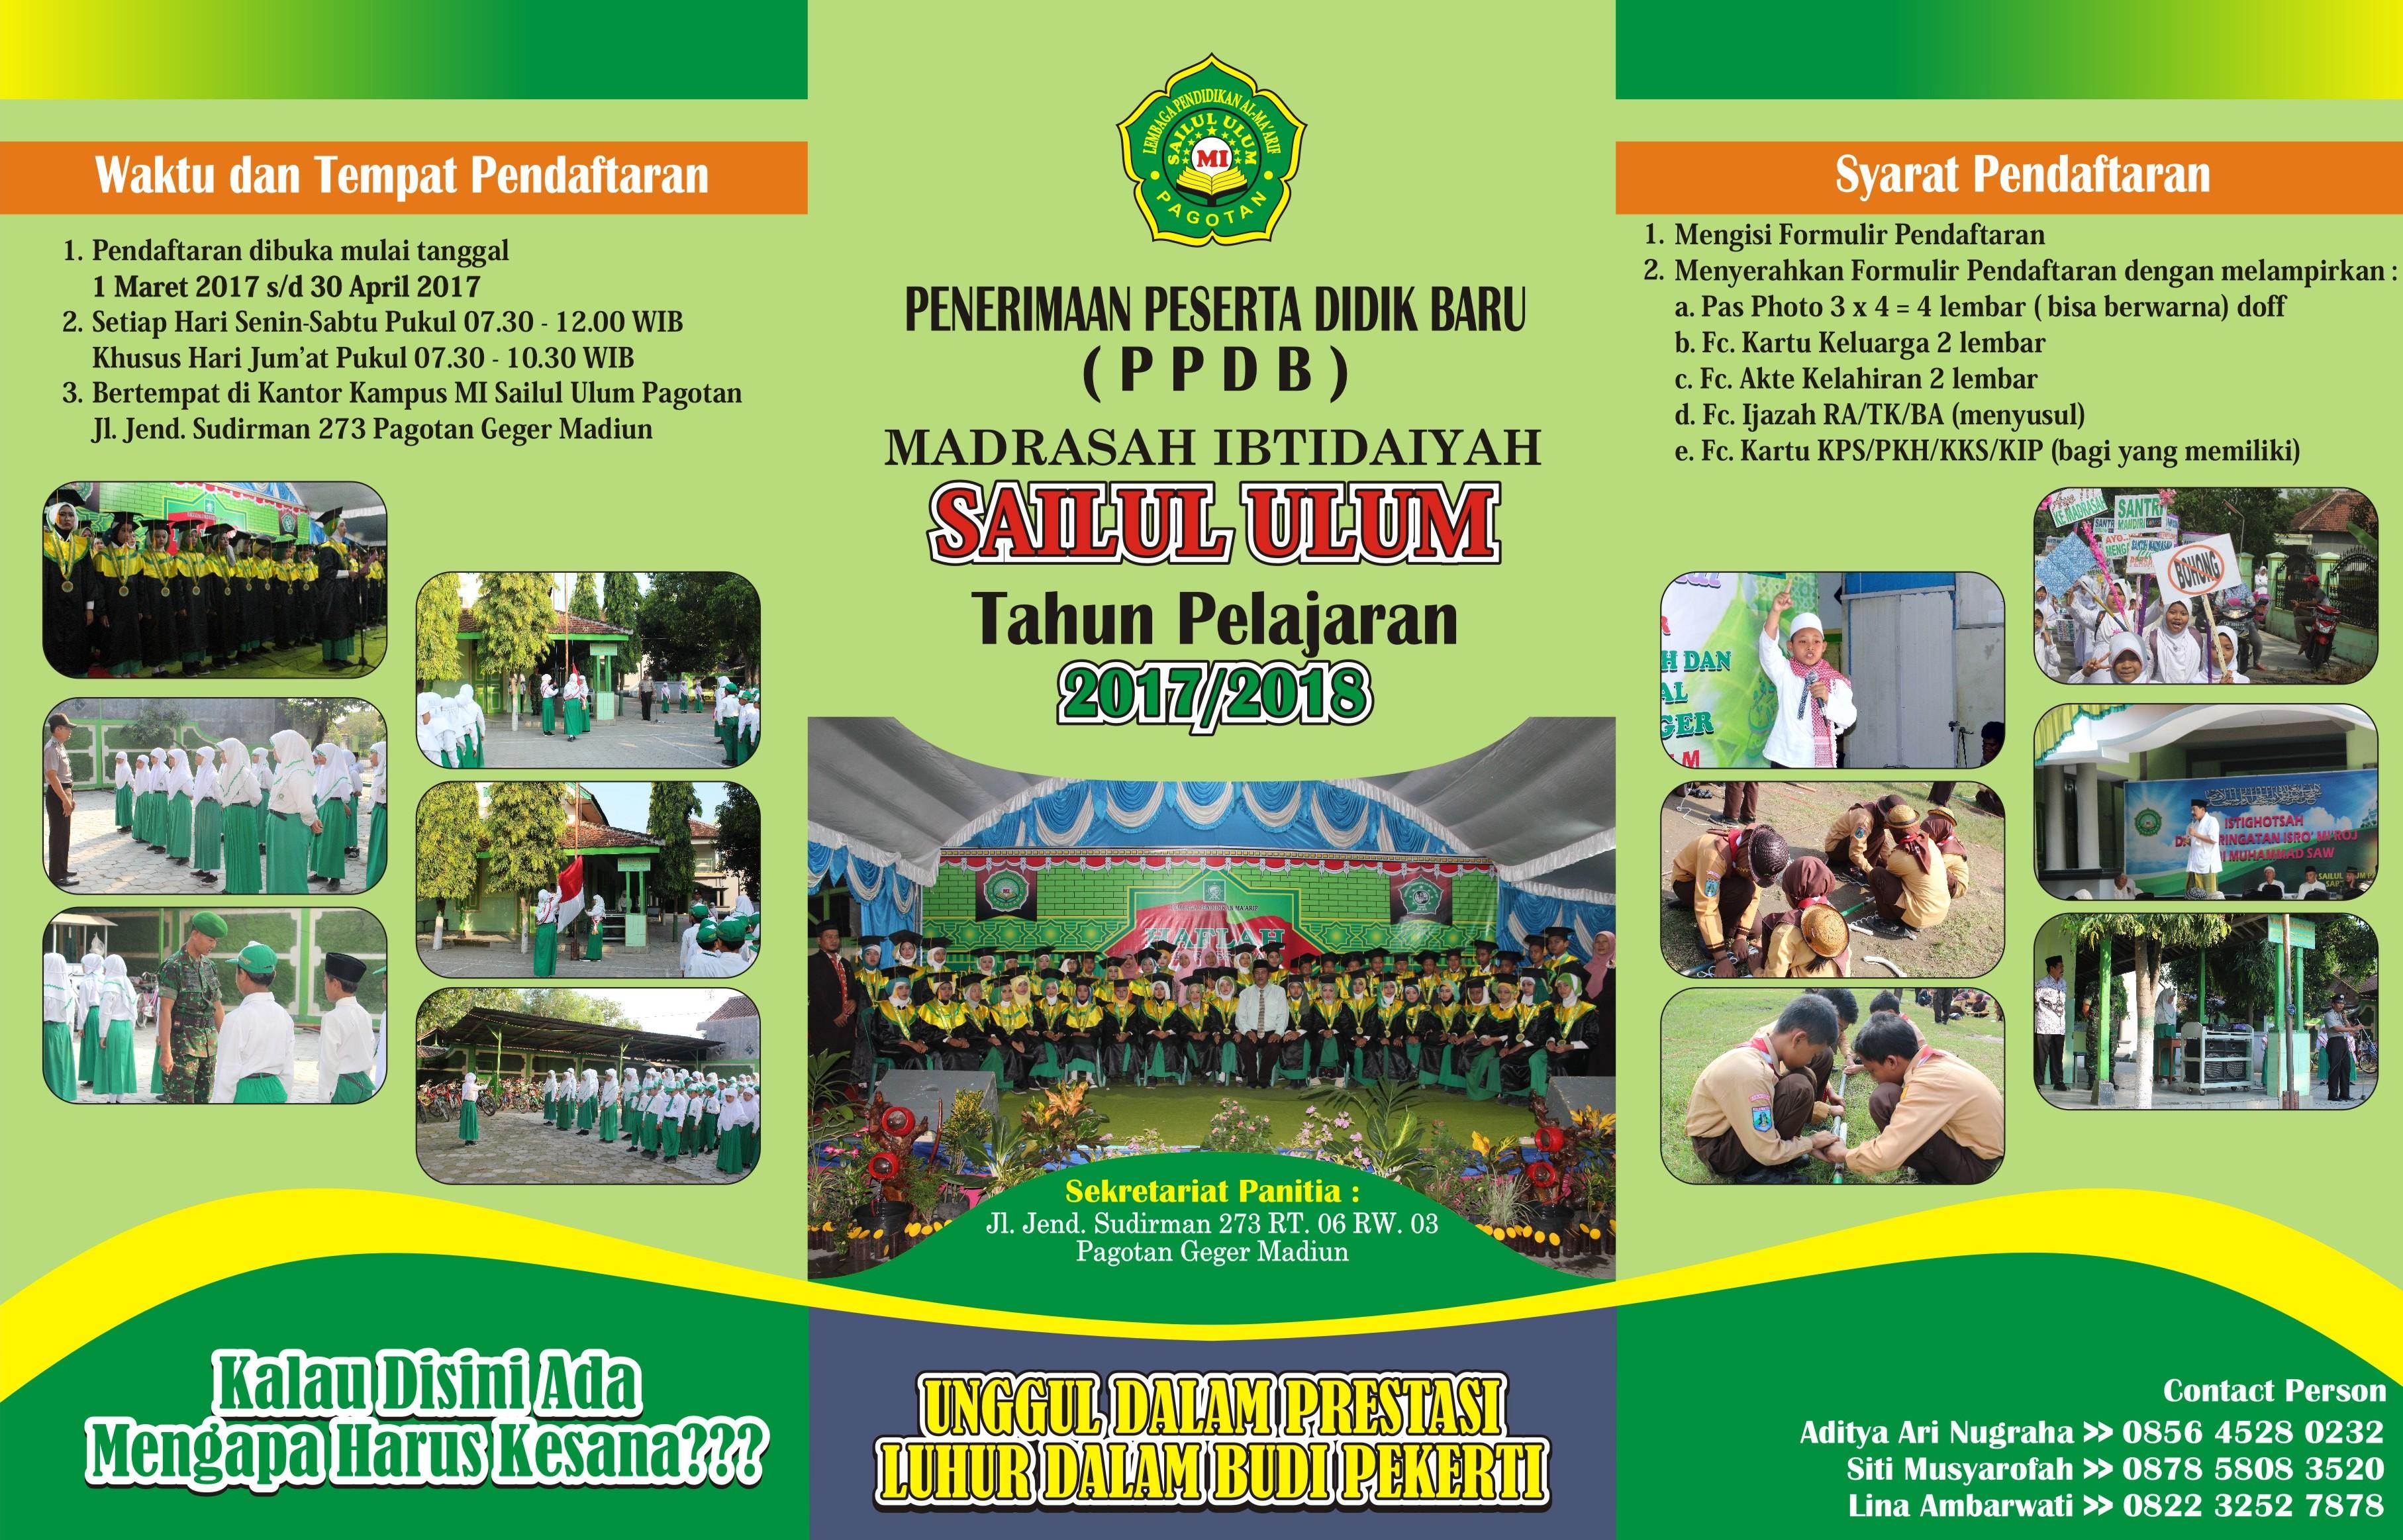 Brosur 2017 2018 Mi Sailul Ulum Pagotan